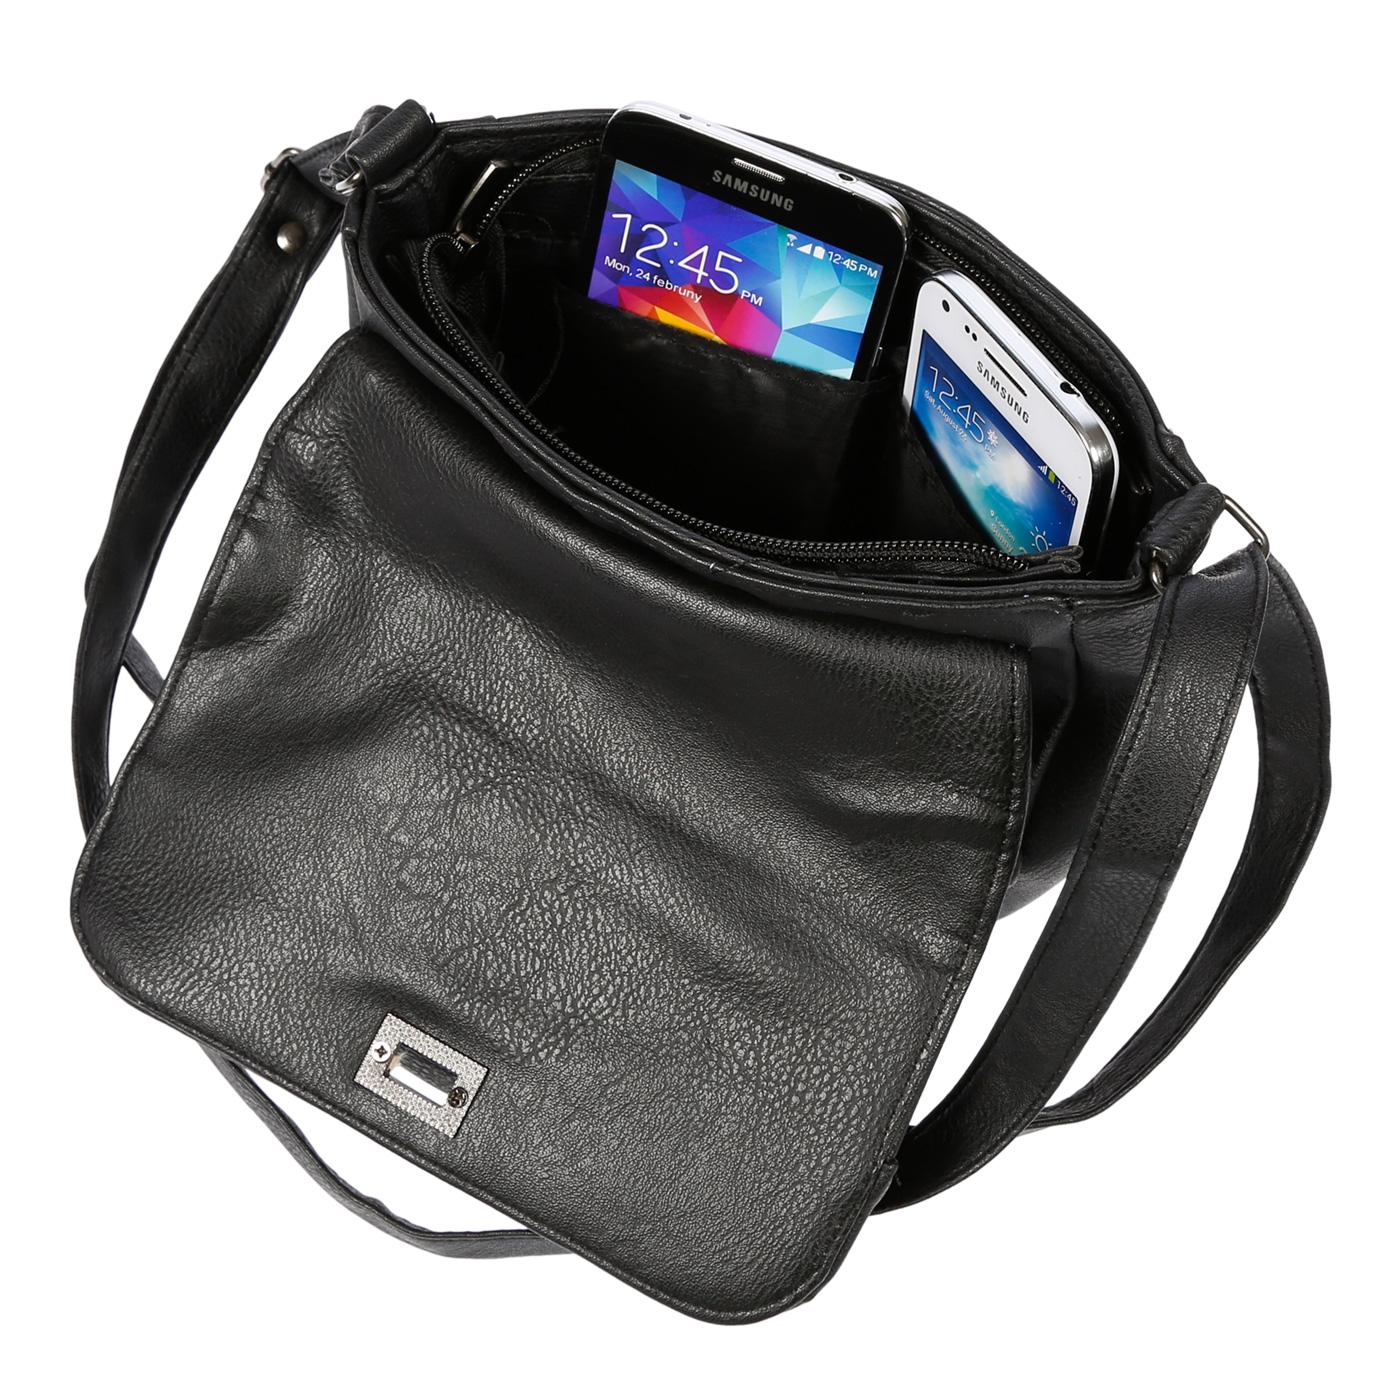 Kleine-Damen-Tasche-Umhaengetasche-Schultertasche-Crossover-Bag-Leder-Optik-NEU Indexbild 18